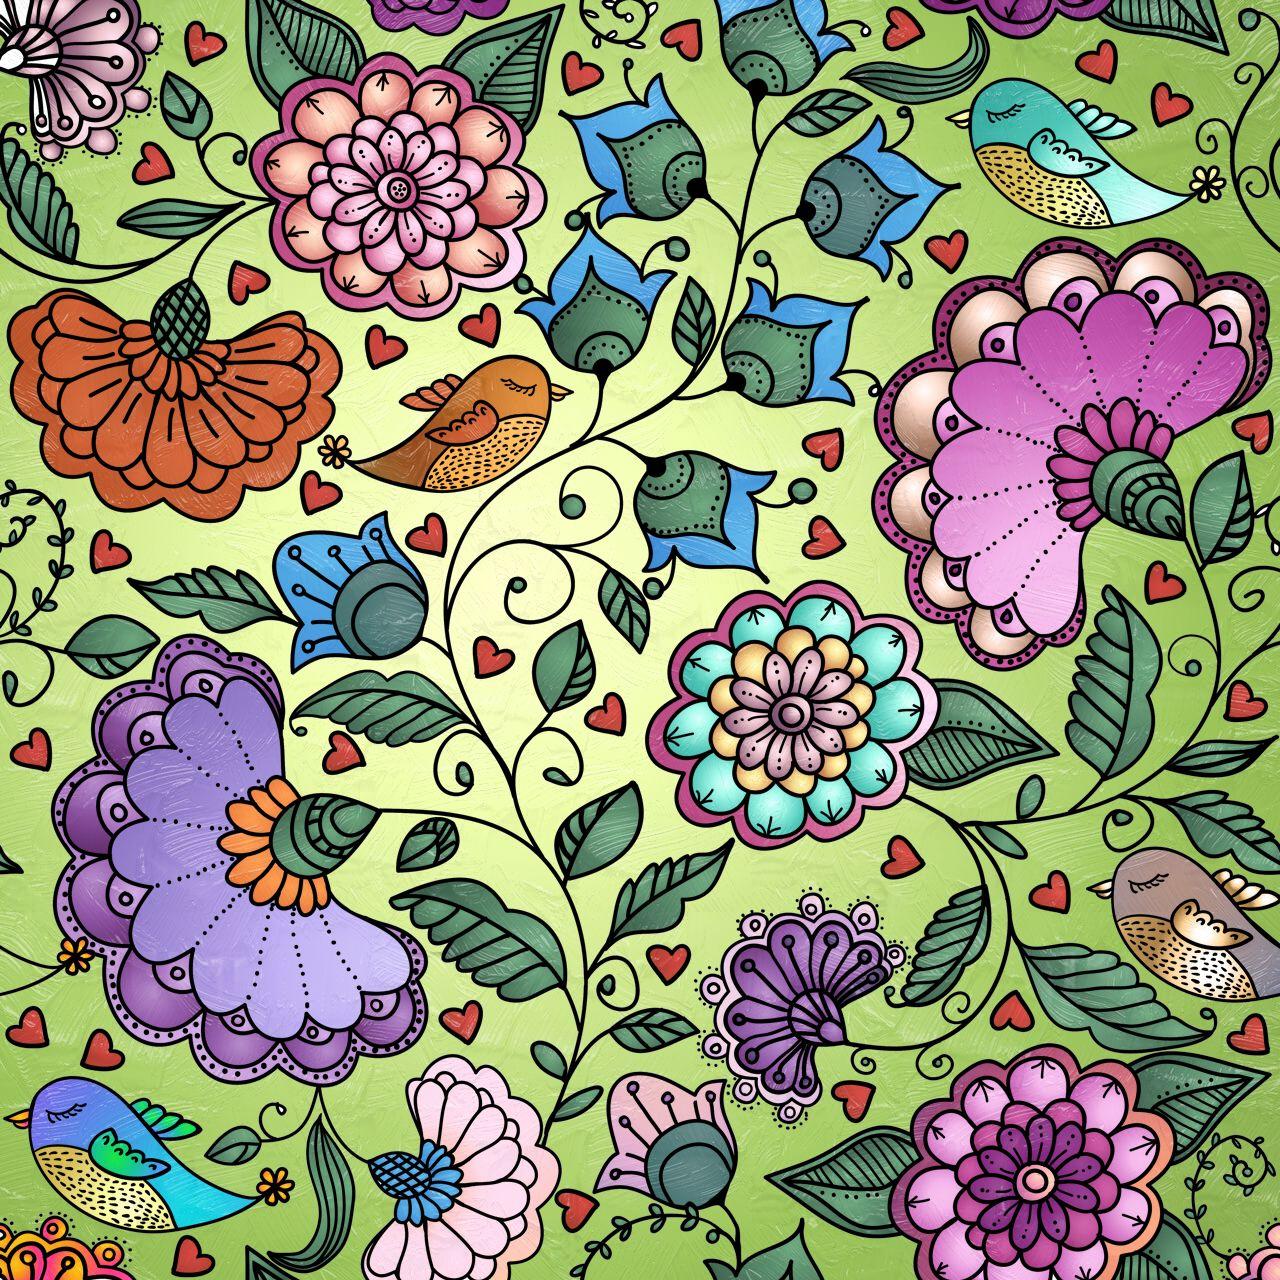 Pin Van Betsy Kirby Op Betsy S Coloring Kleurplaten Kleurplaten Voor Volwassenen